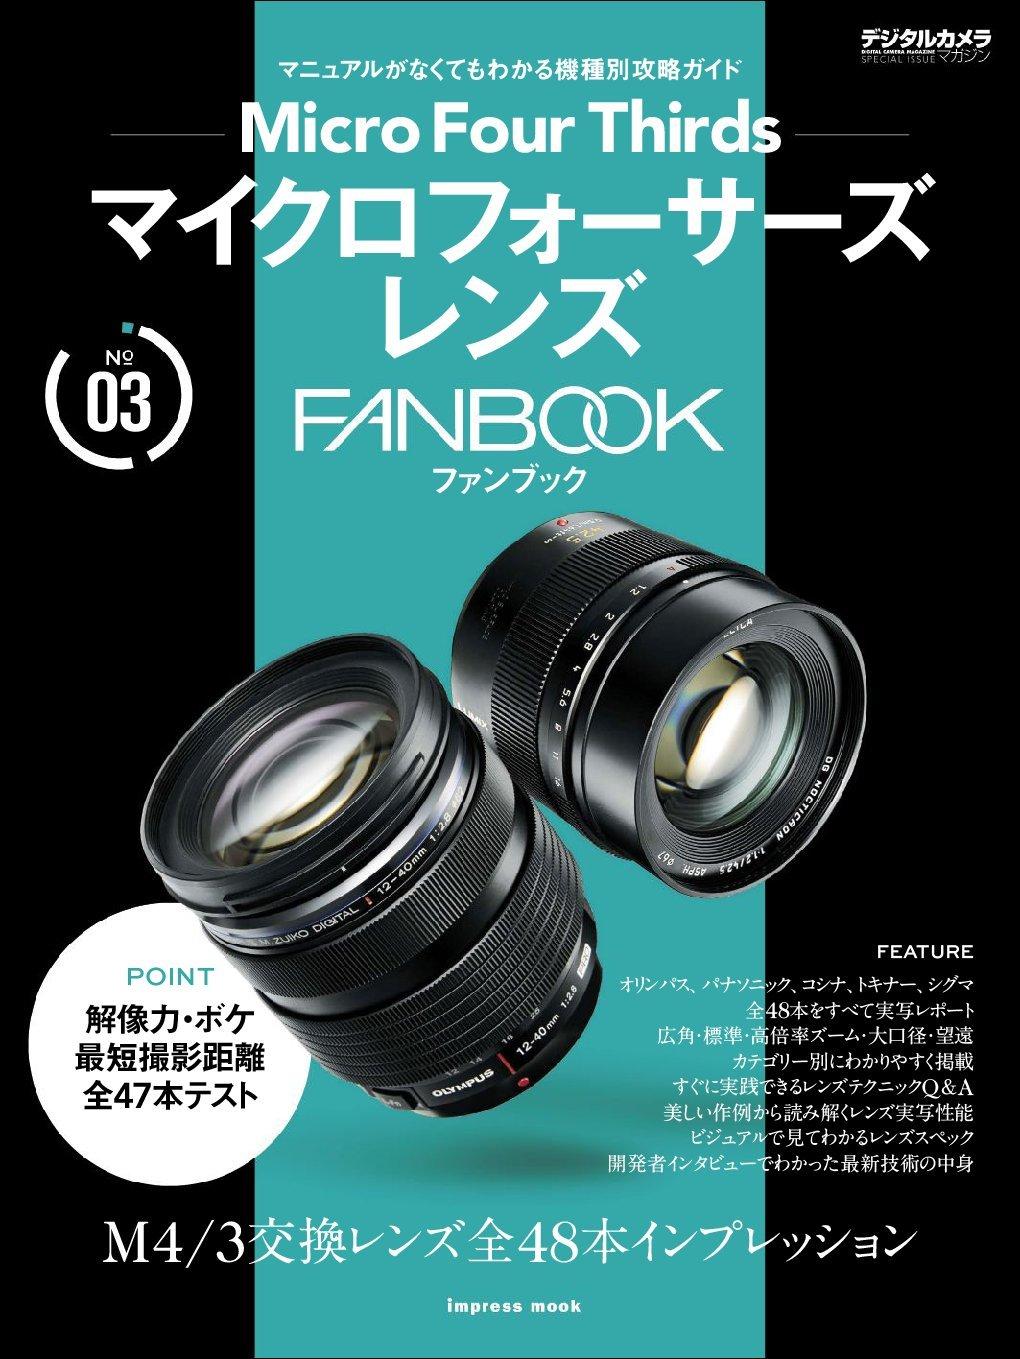 マイクロフォーサーズレンズ FANBOOK (Digital)